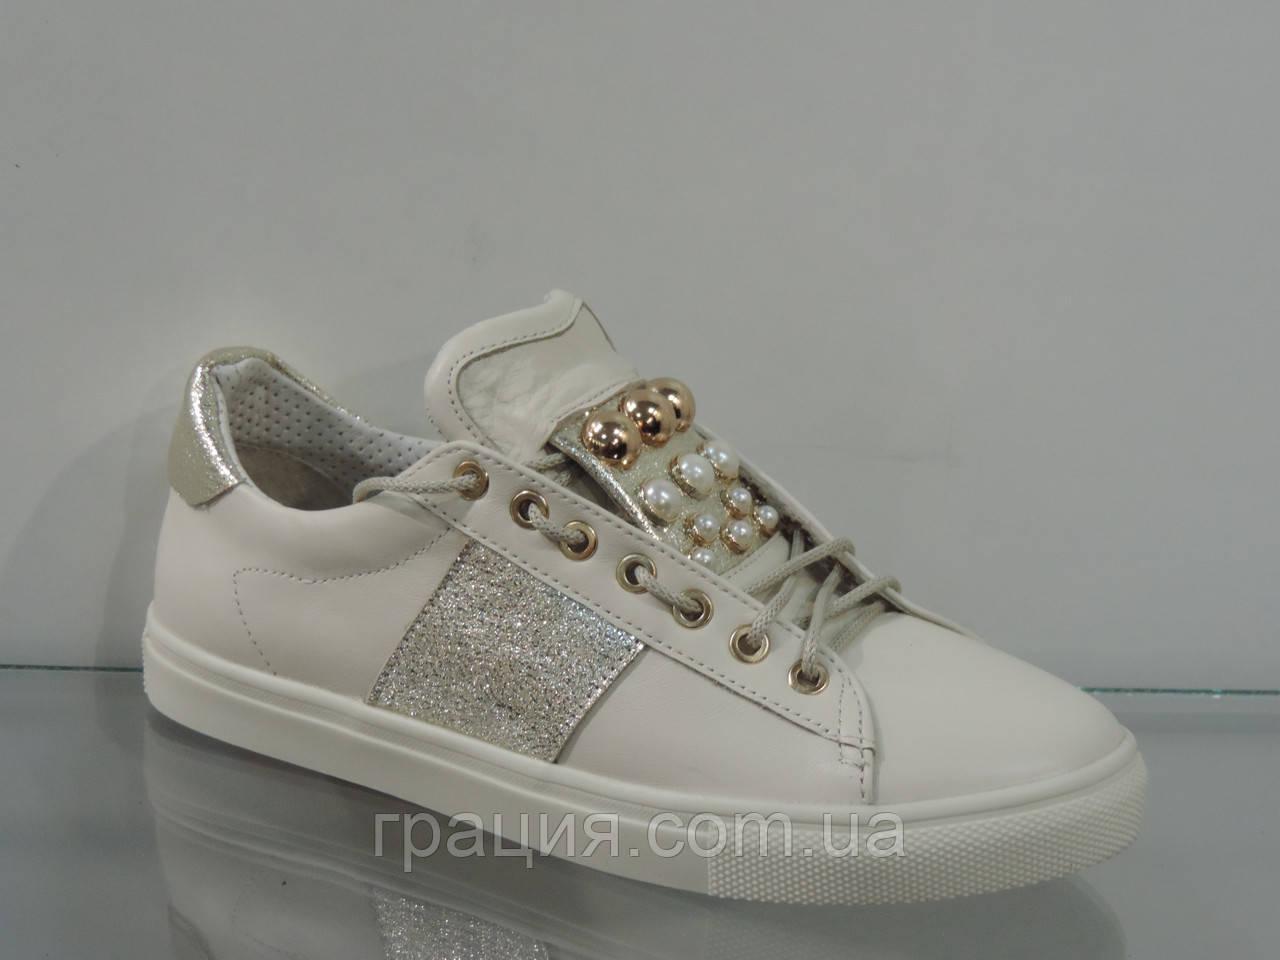 5790ee890 Модные женские кроссовки с бусинами натуральная кожа: продажа, цена ...